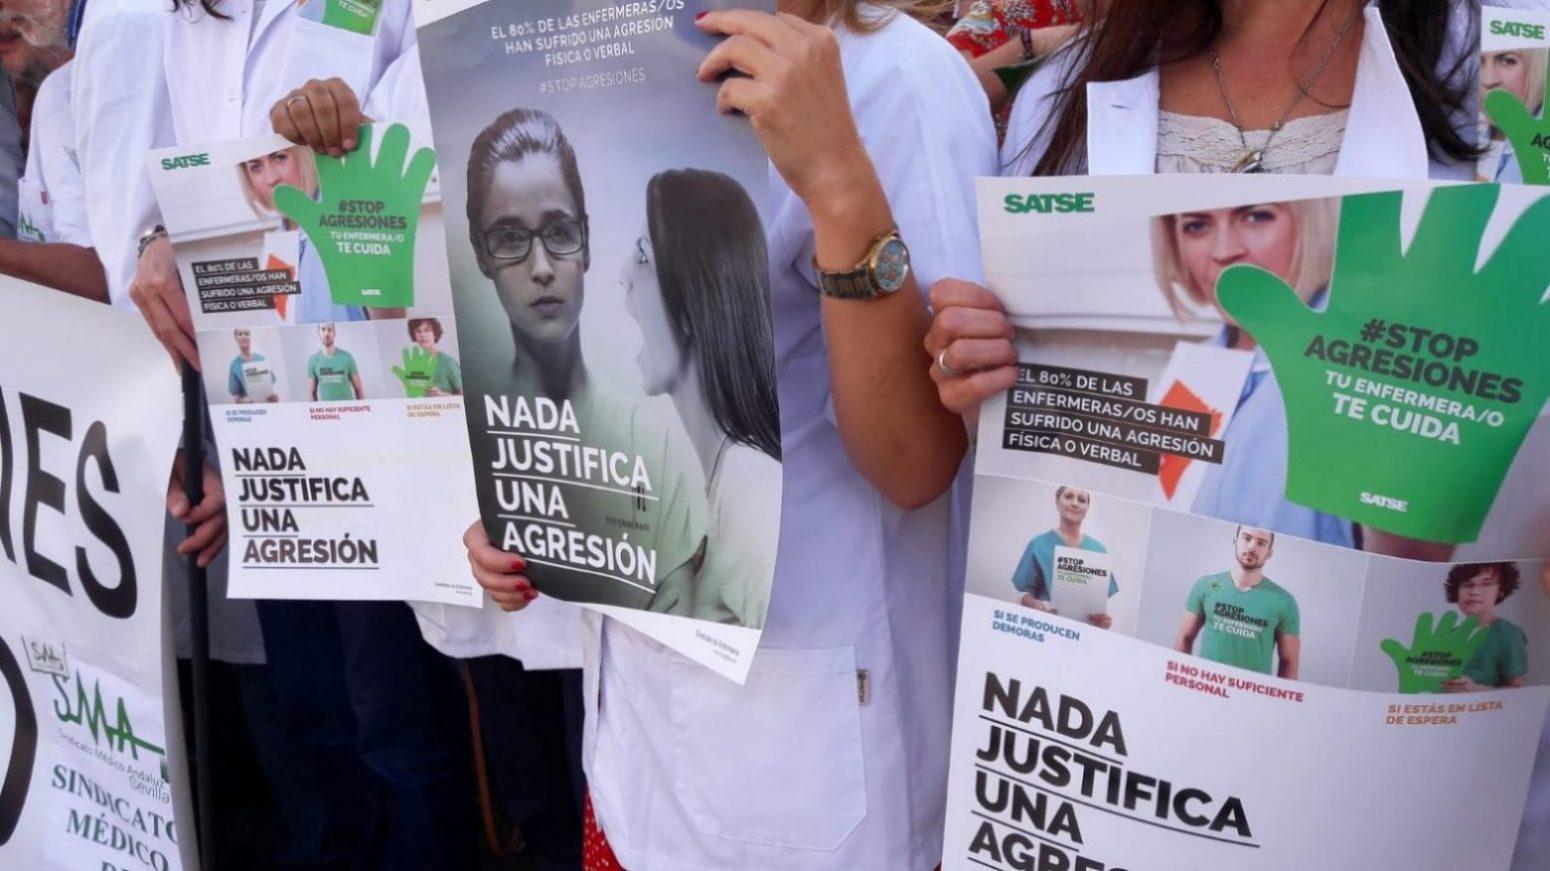 Se incrementan en Andalucía las agresiones a profesionales de la sanidad